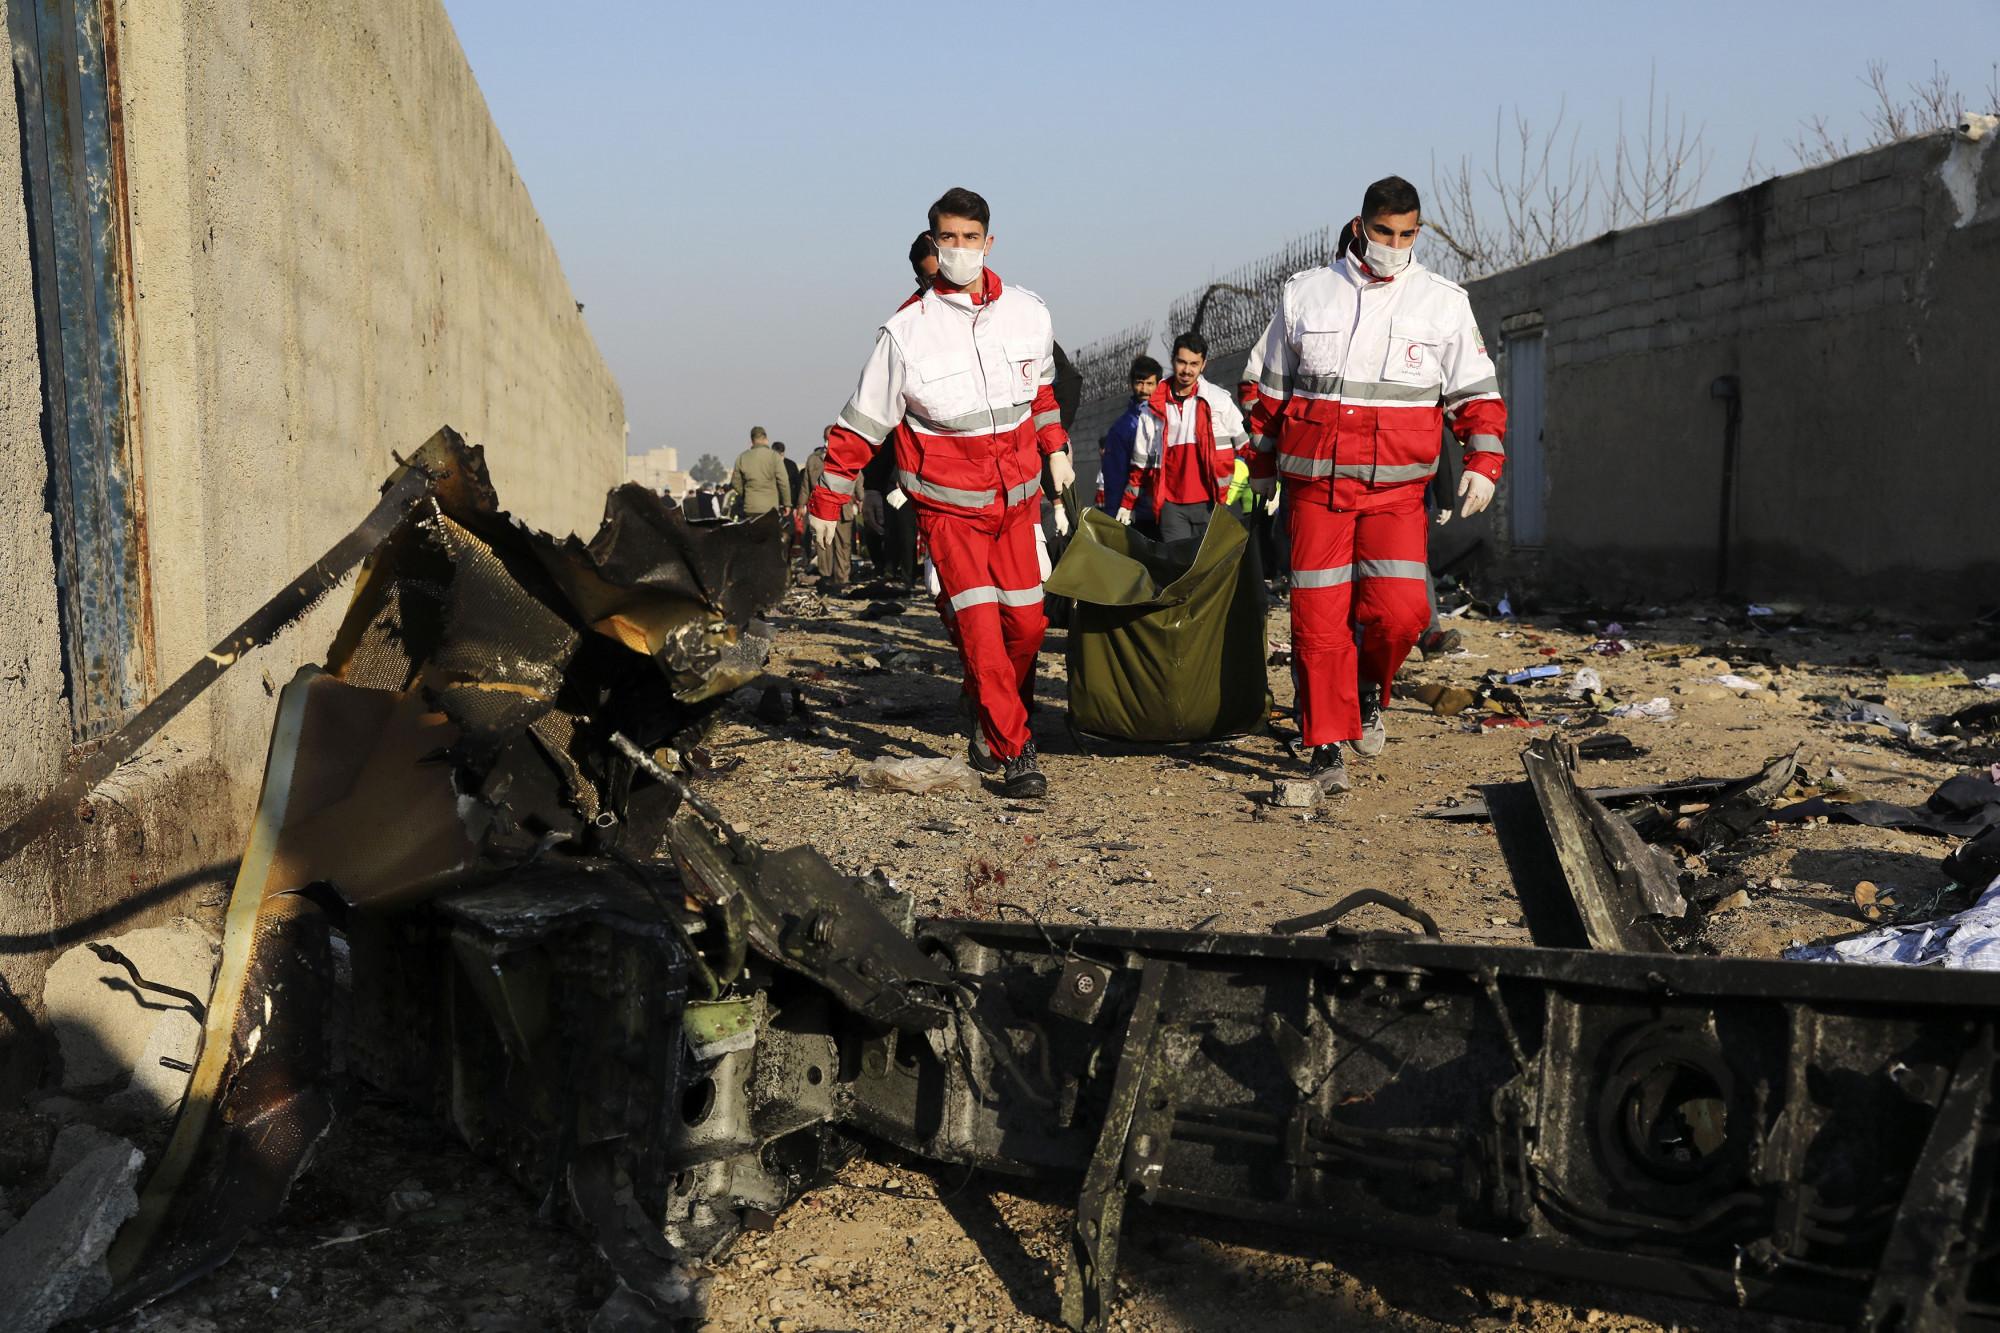 Các nguồn tin cho biết trên 170 người đã thiệt mạng, dù vậy vẫn chưa có con số và thông tin cụ thể về các nạn nhân.